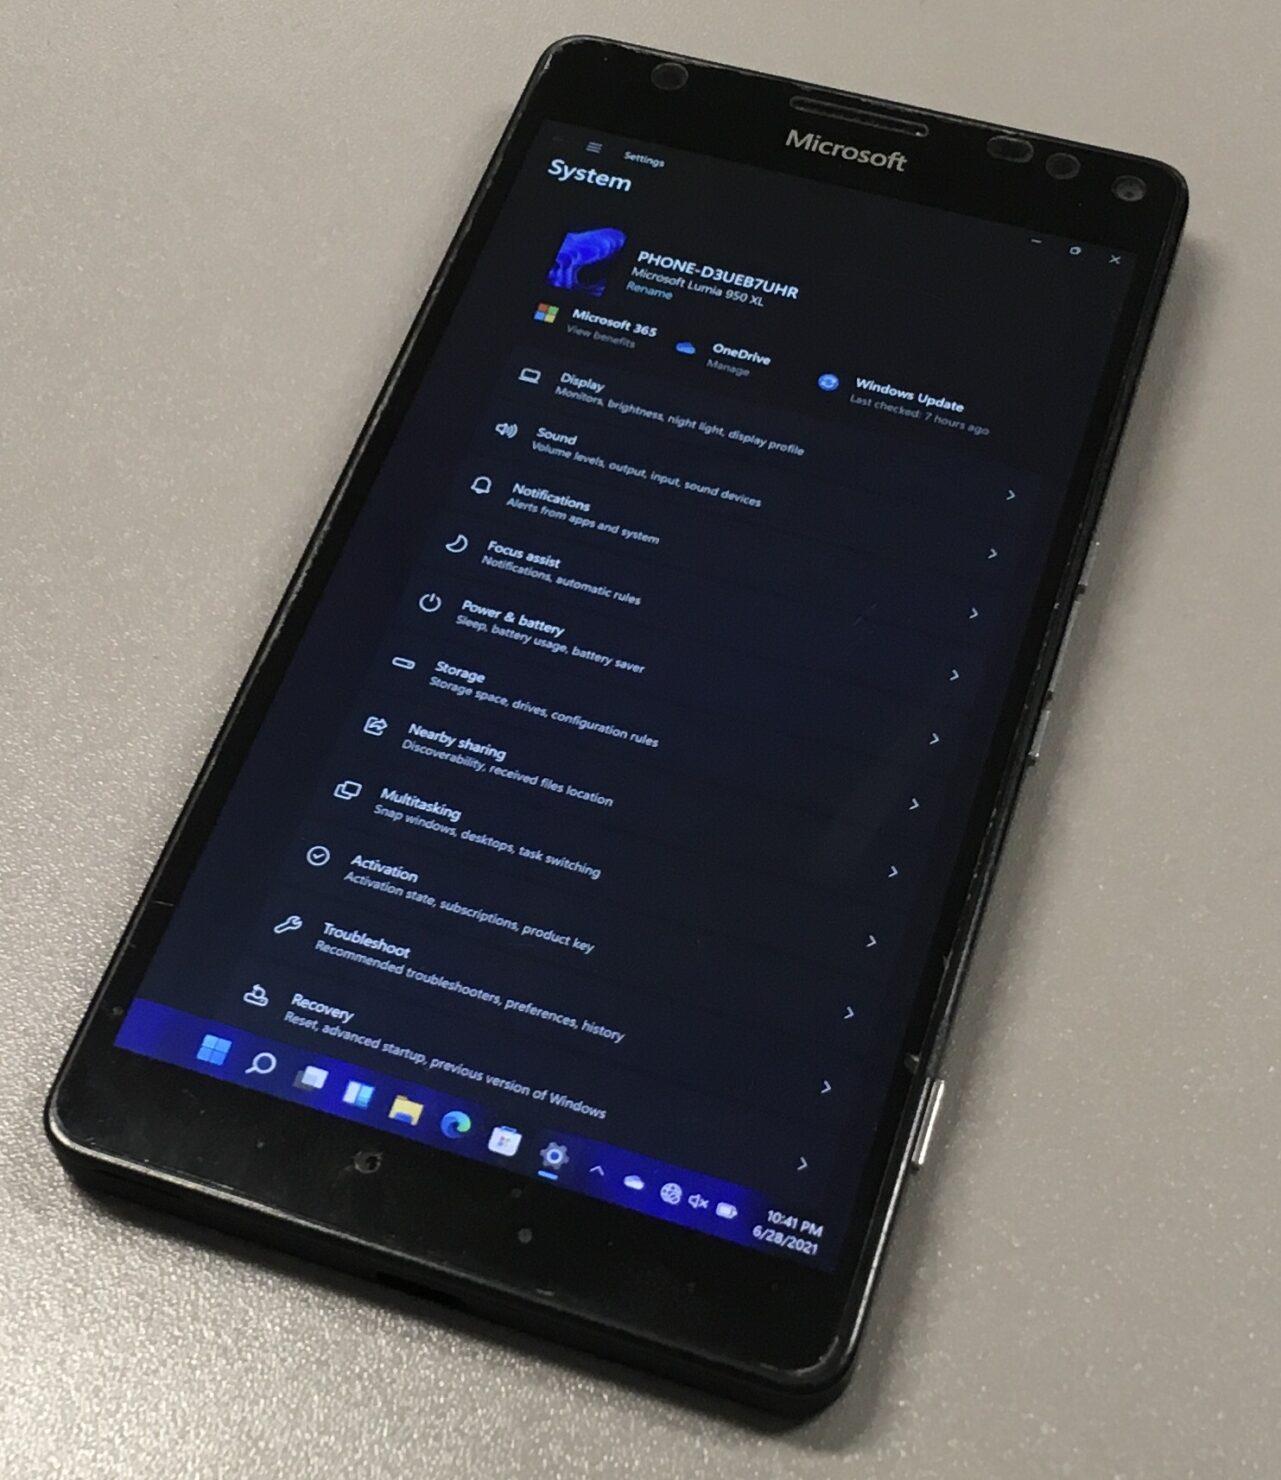 Windows 11 Has Been Ported to Nokia Lumia 950 XL